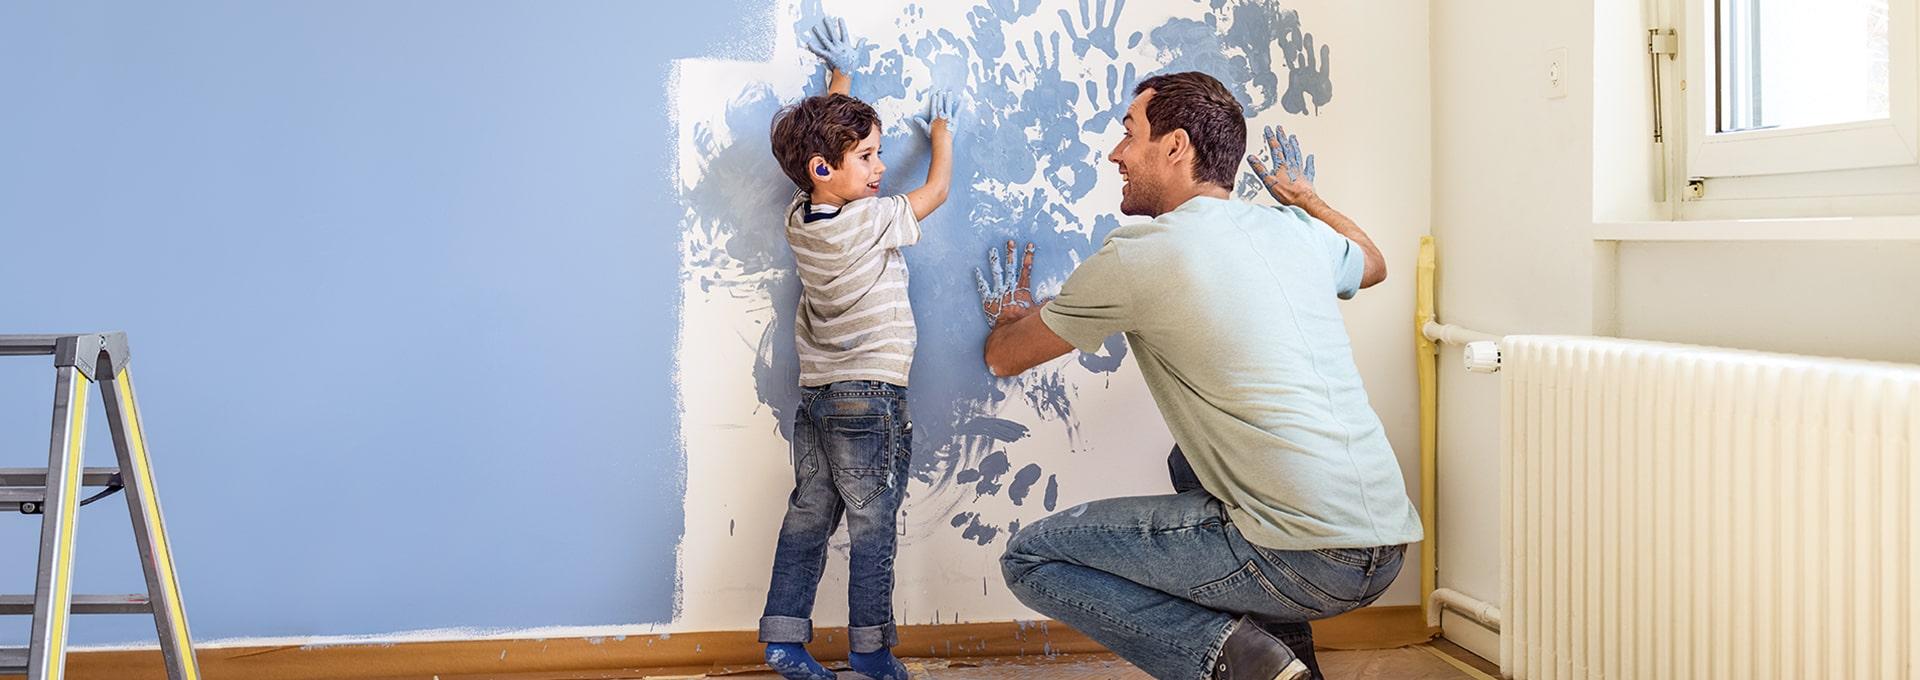 Far og søn med Bernafon Leox Super Power Ultra Power høreapparater, der maler en væg og spontant laver håndaftryk.